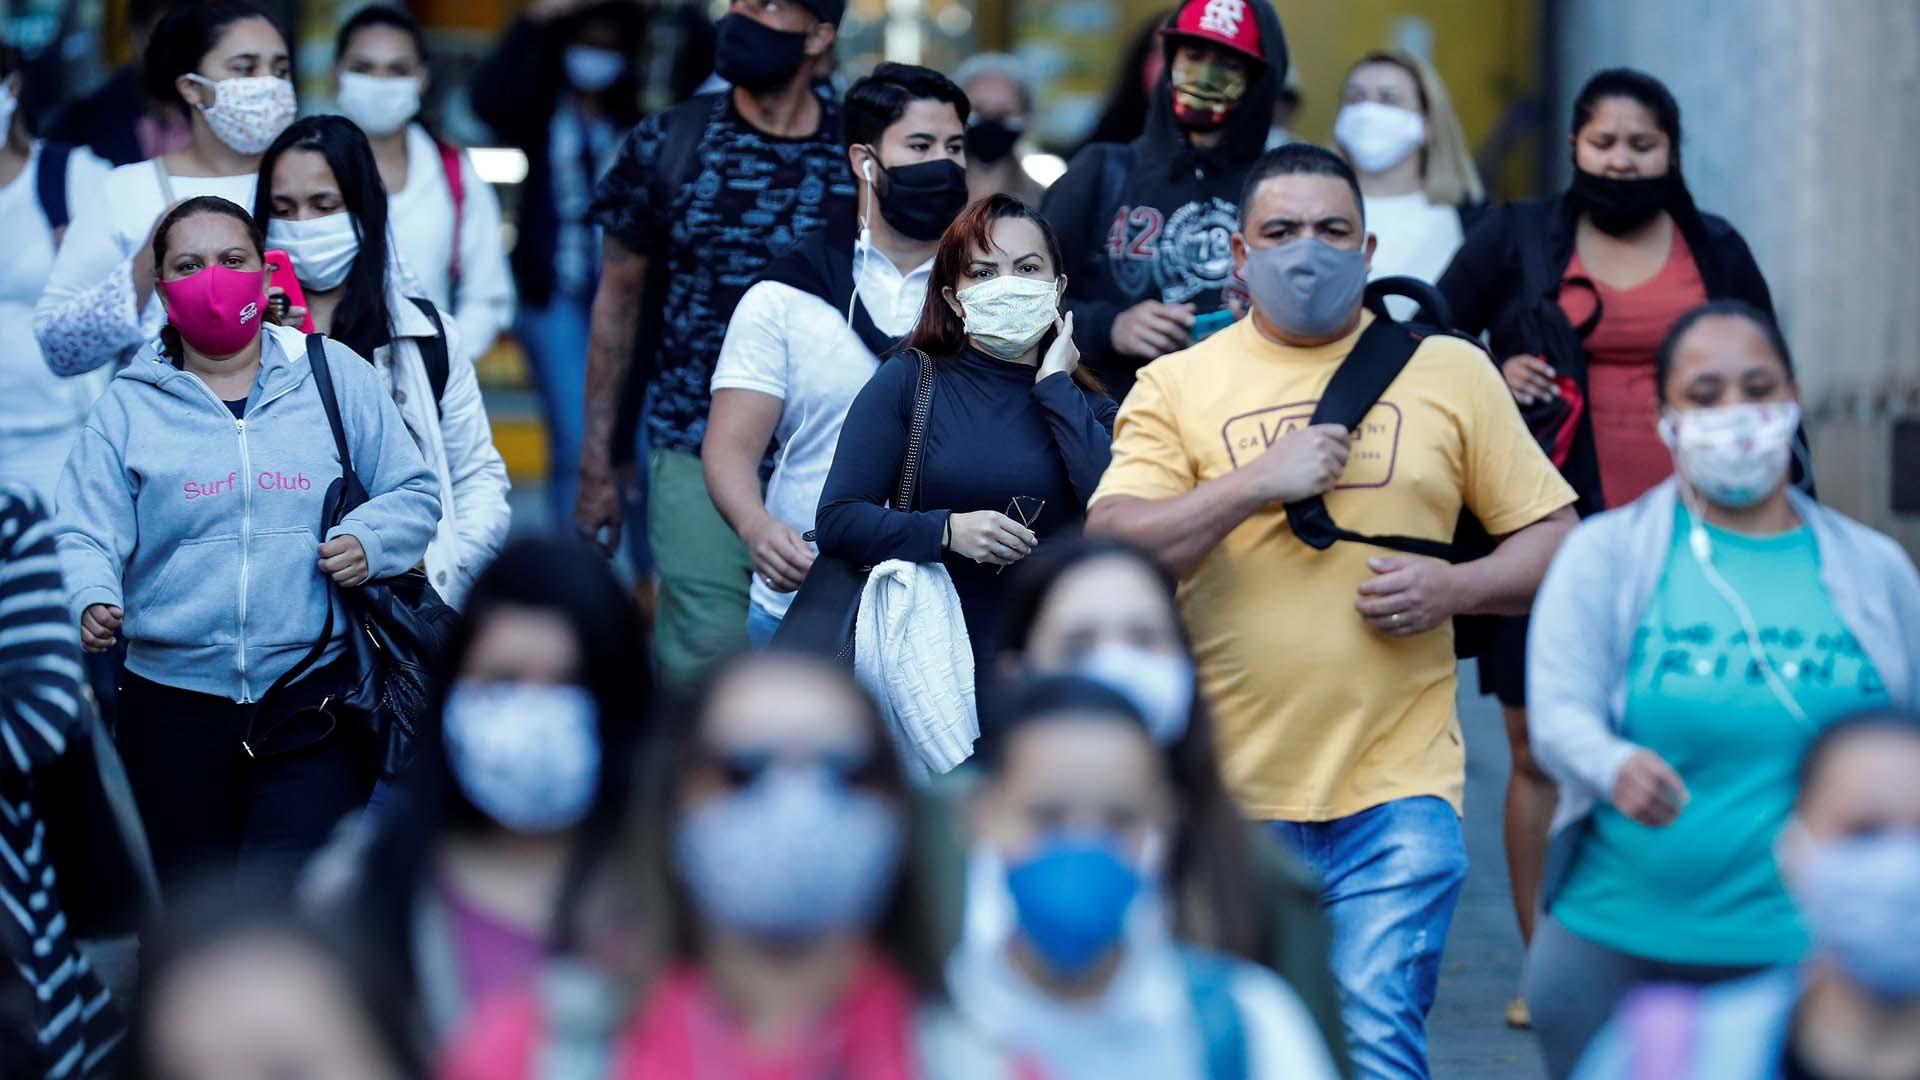 Coronavirus: Chile cruza la barrera de los 6.000 fallecidos; Brasil tendría al ocho millones de contagiados